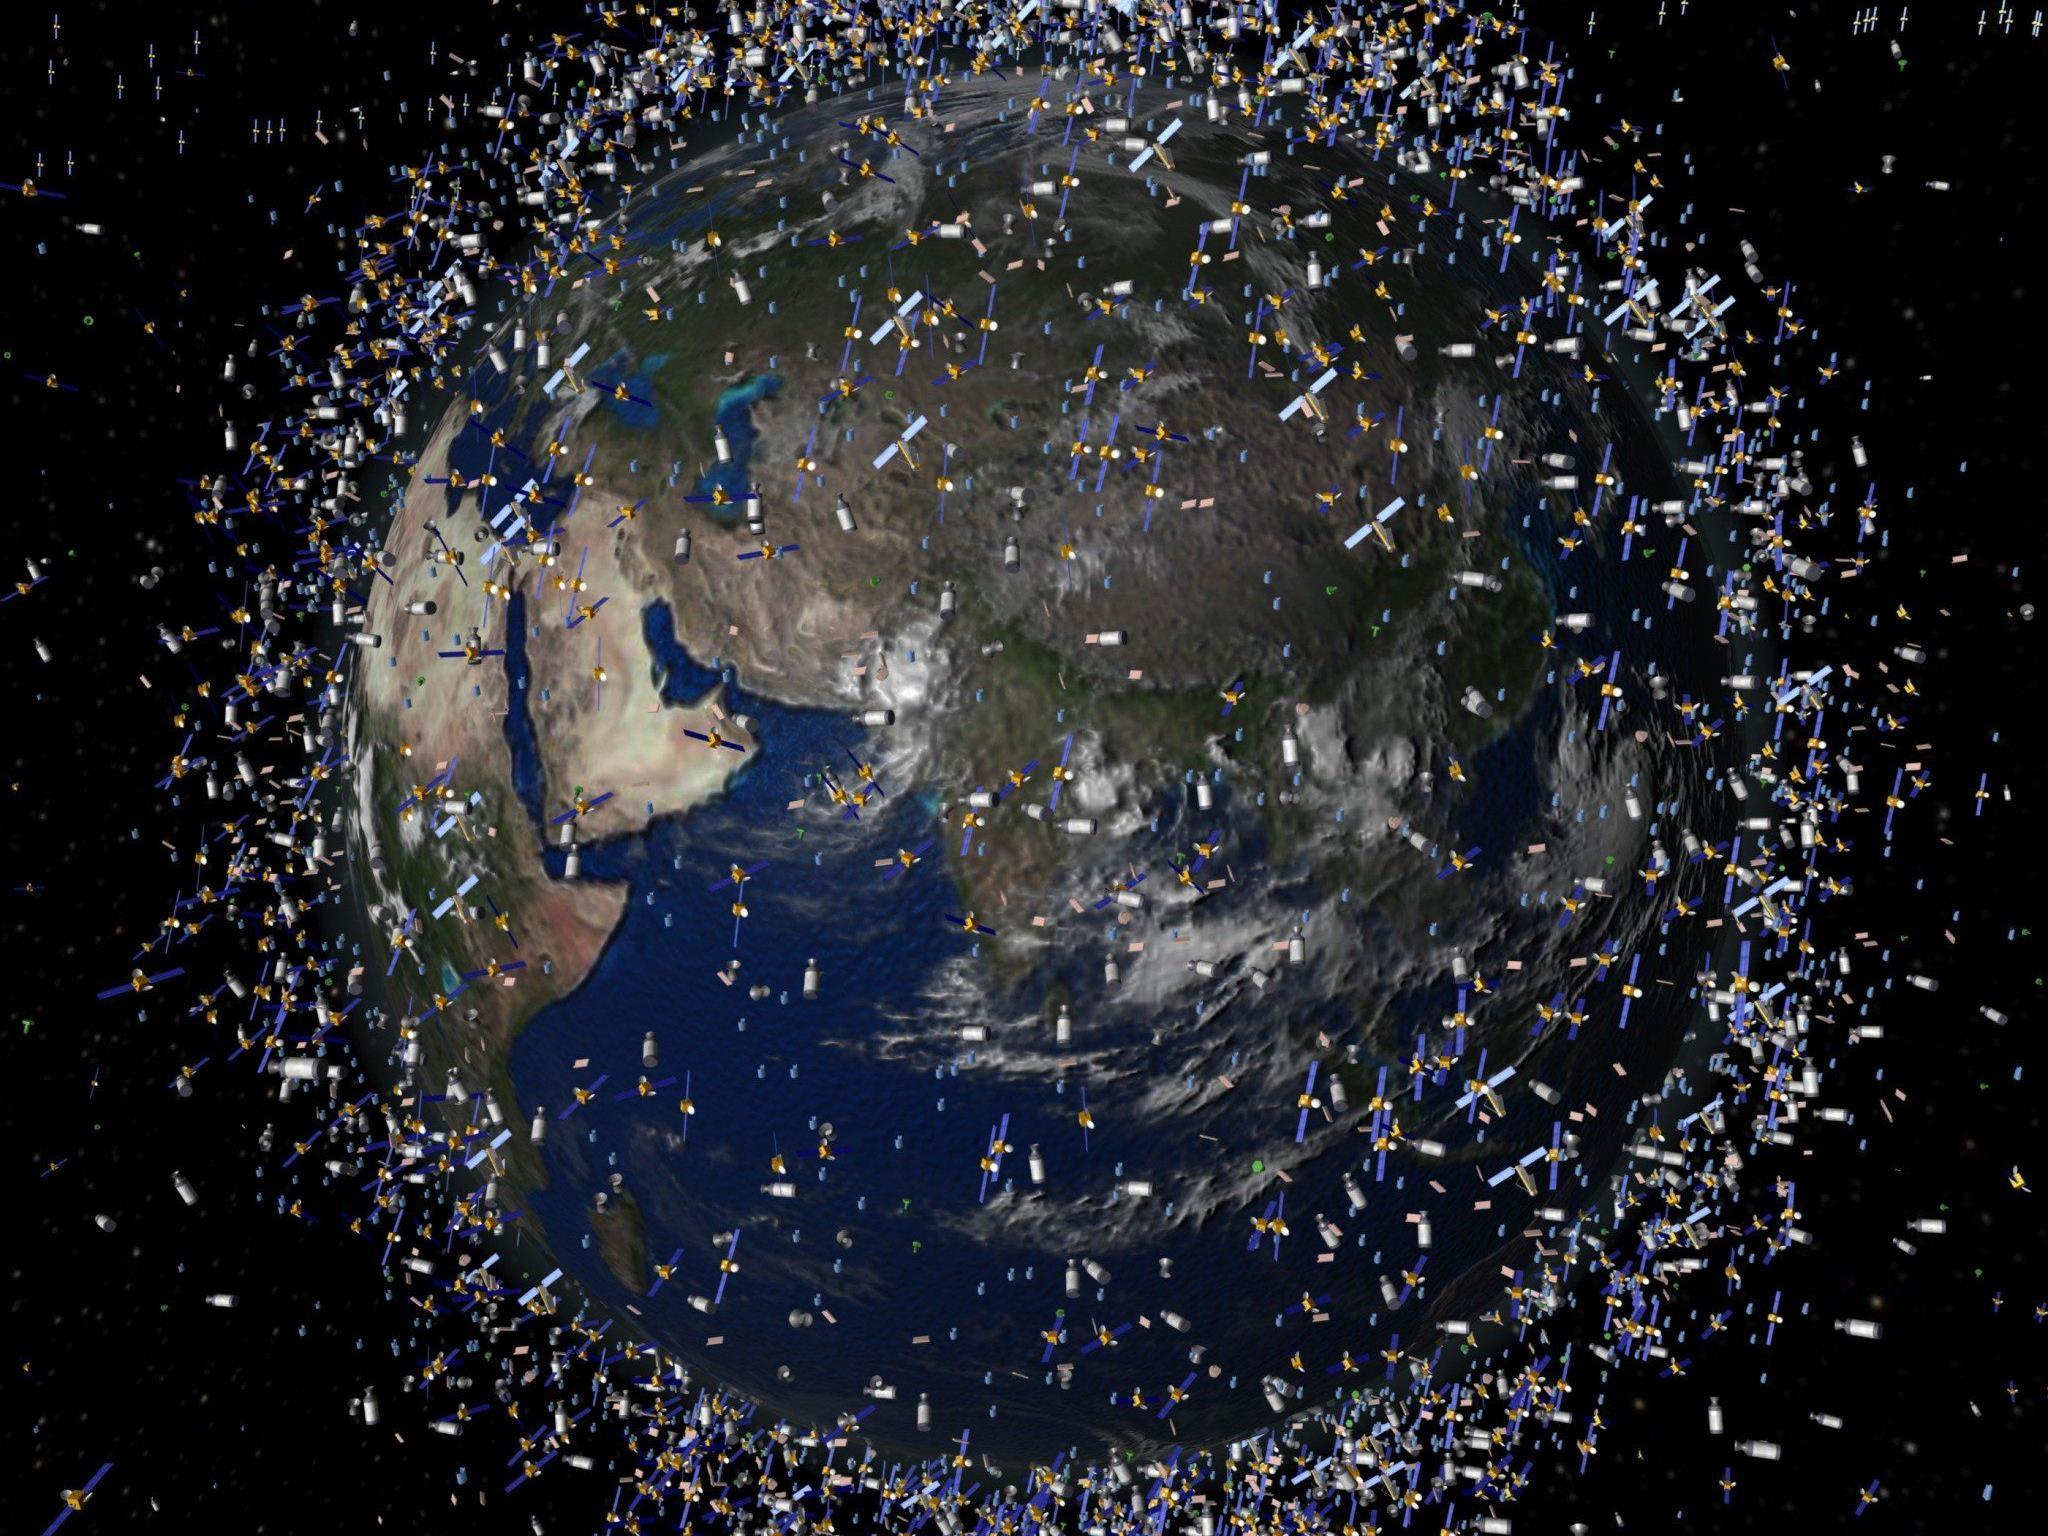 Bis zu 1.000 aktive Satelliten kreisen um die Erde.